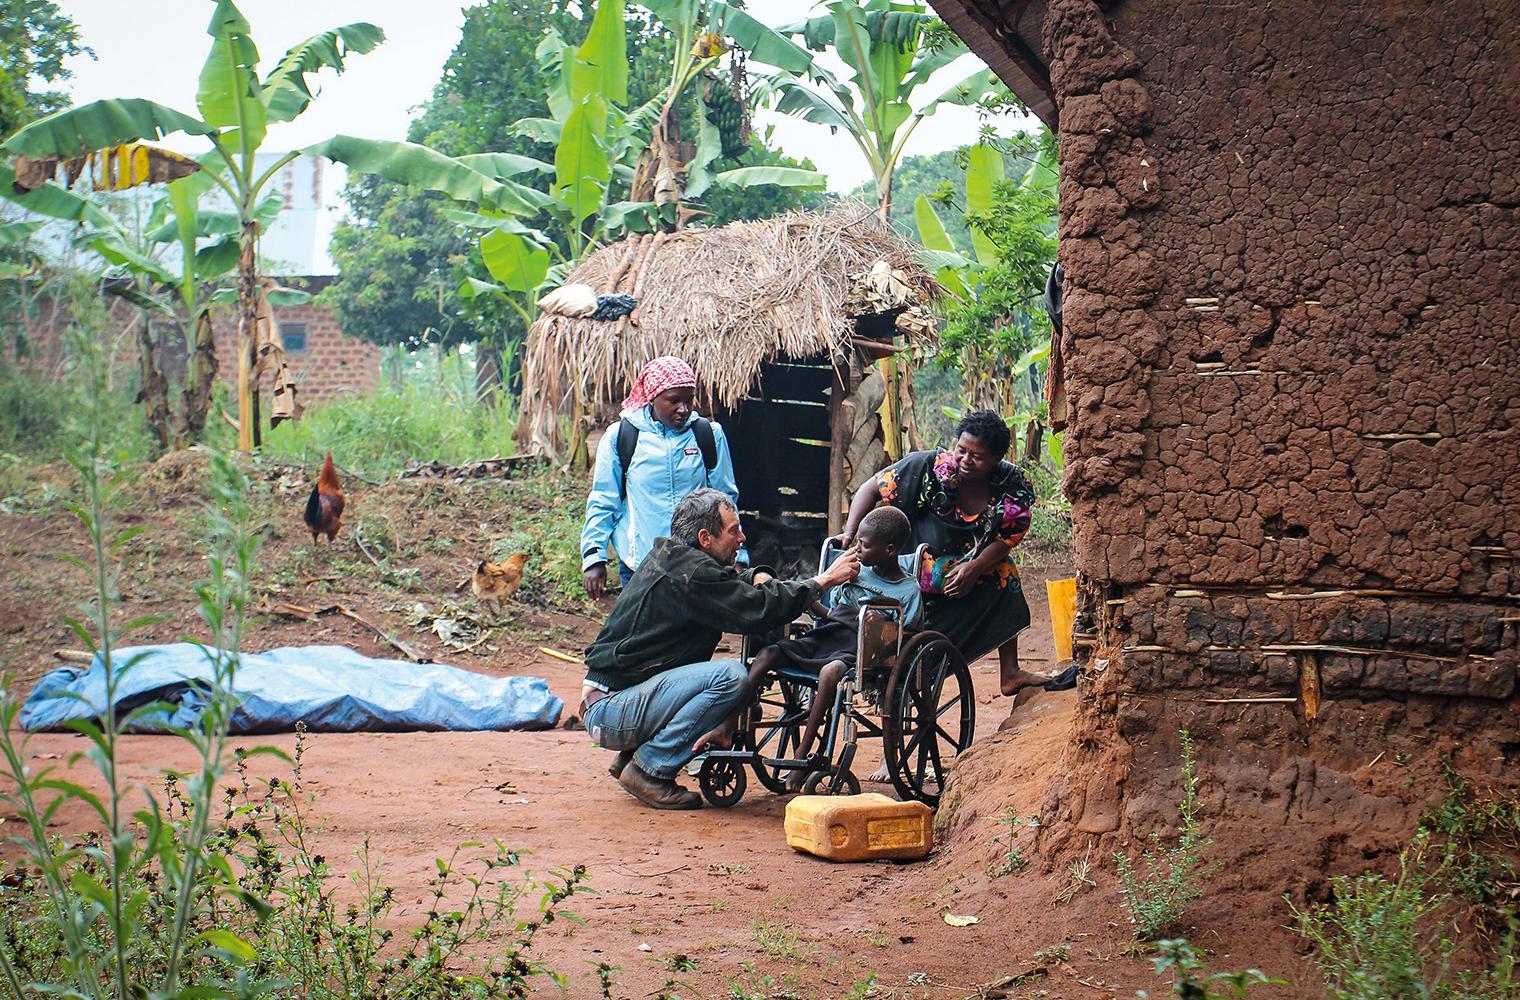 Angelina sitzt im Rollstuhl. Ein Mann stupst sie an der Nase. Ihre Mutter und eine Sozialarbeiterin verfolgen die Szene.